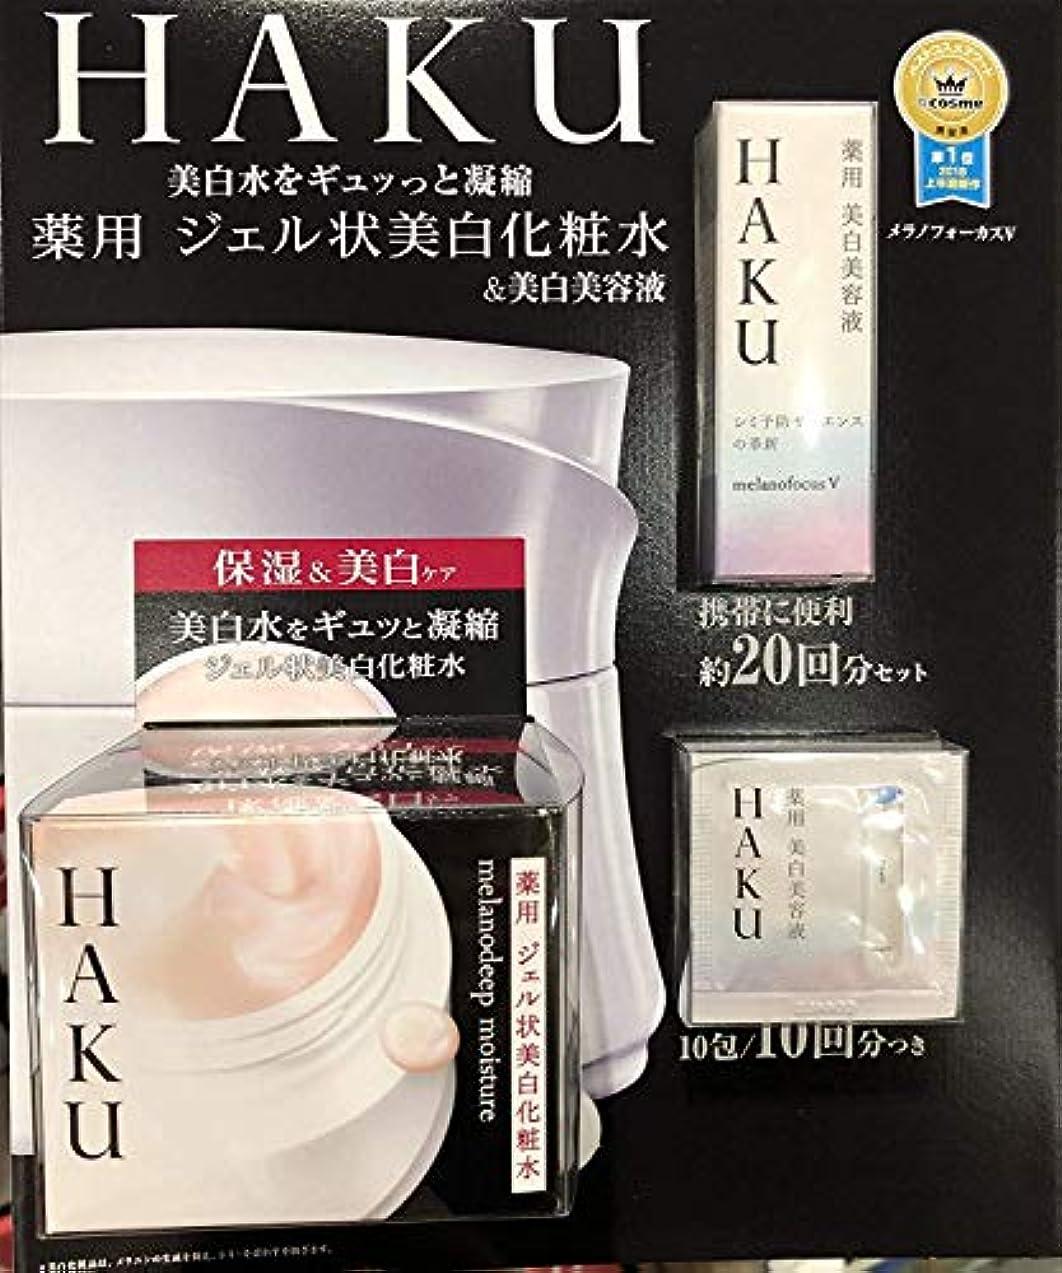 スロープコンソールエーカー資生堂 HAKU 美白セット 薬用 ジェル状美白化粧水&薬用美白乳液セット